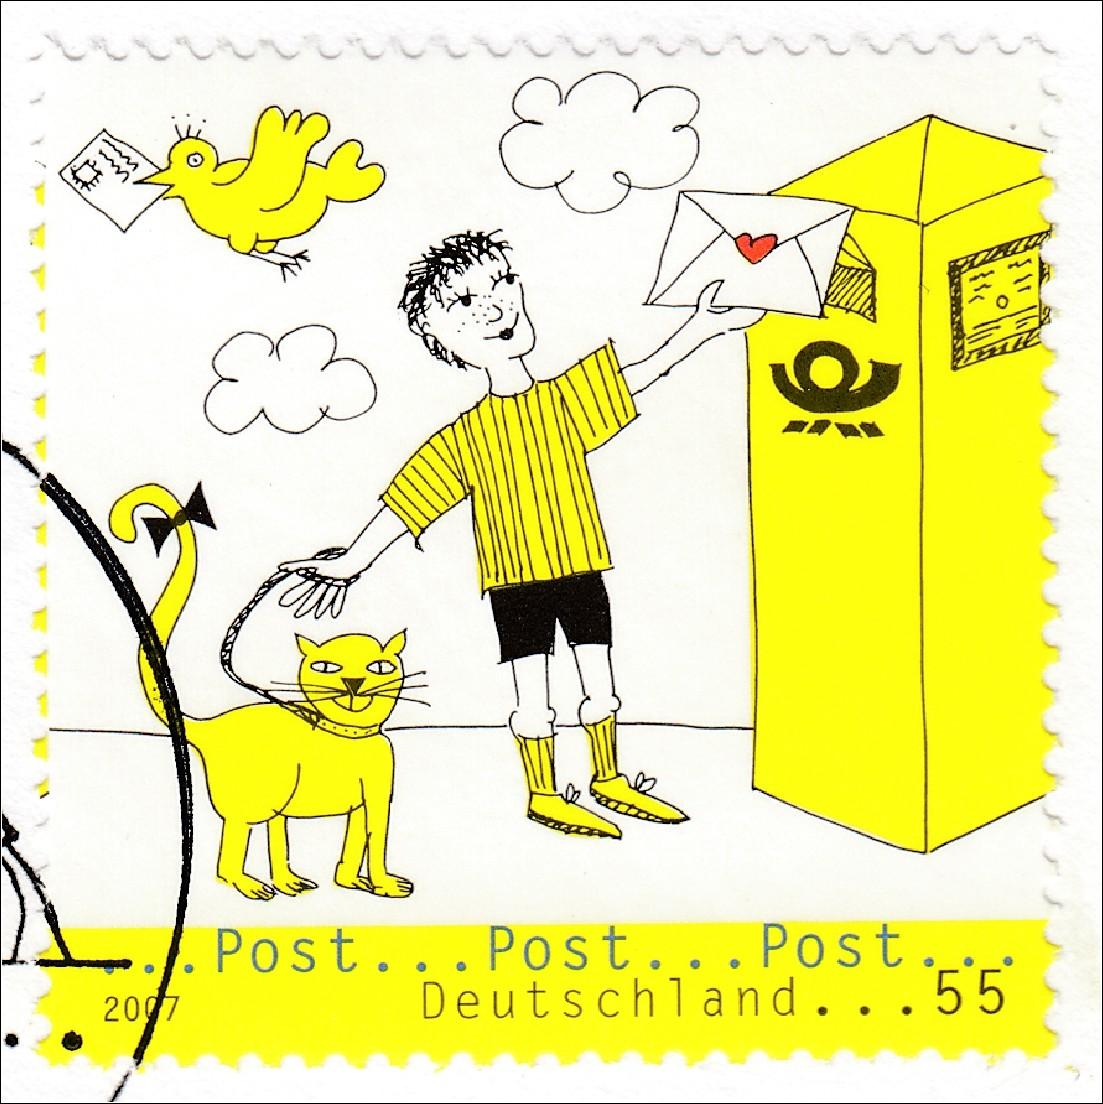 bund brd ersttagsbrief fdc michel nr 2596 97 post bildergeschichte briefmarkenhaus engel. Black Bedroom Furniture Sets. Home Design Ideas